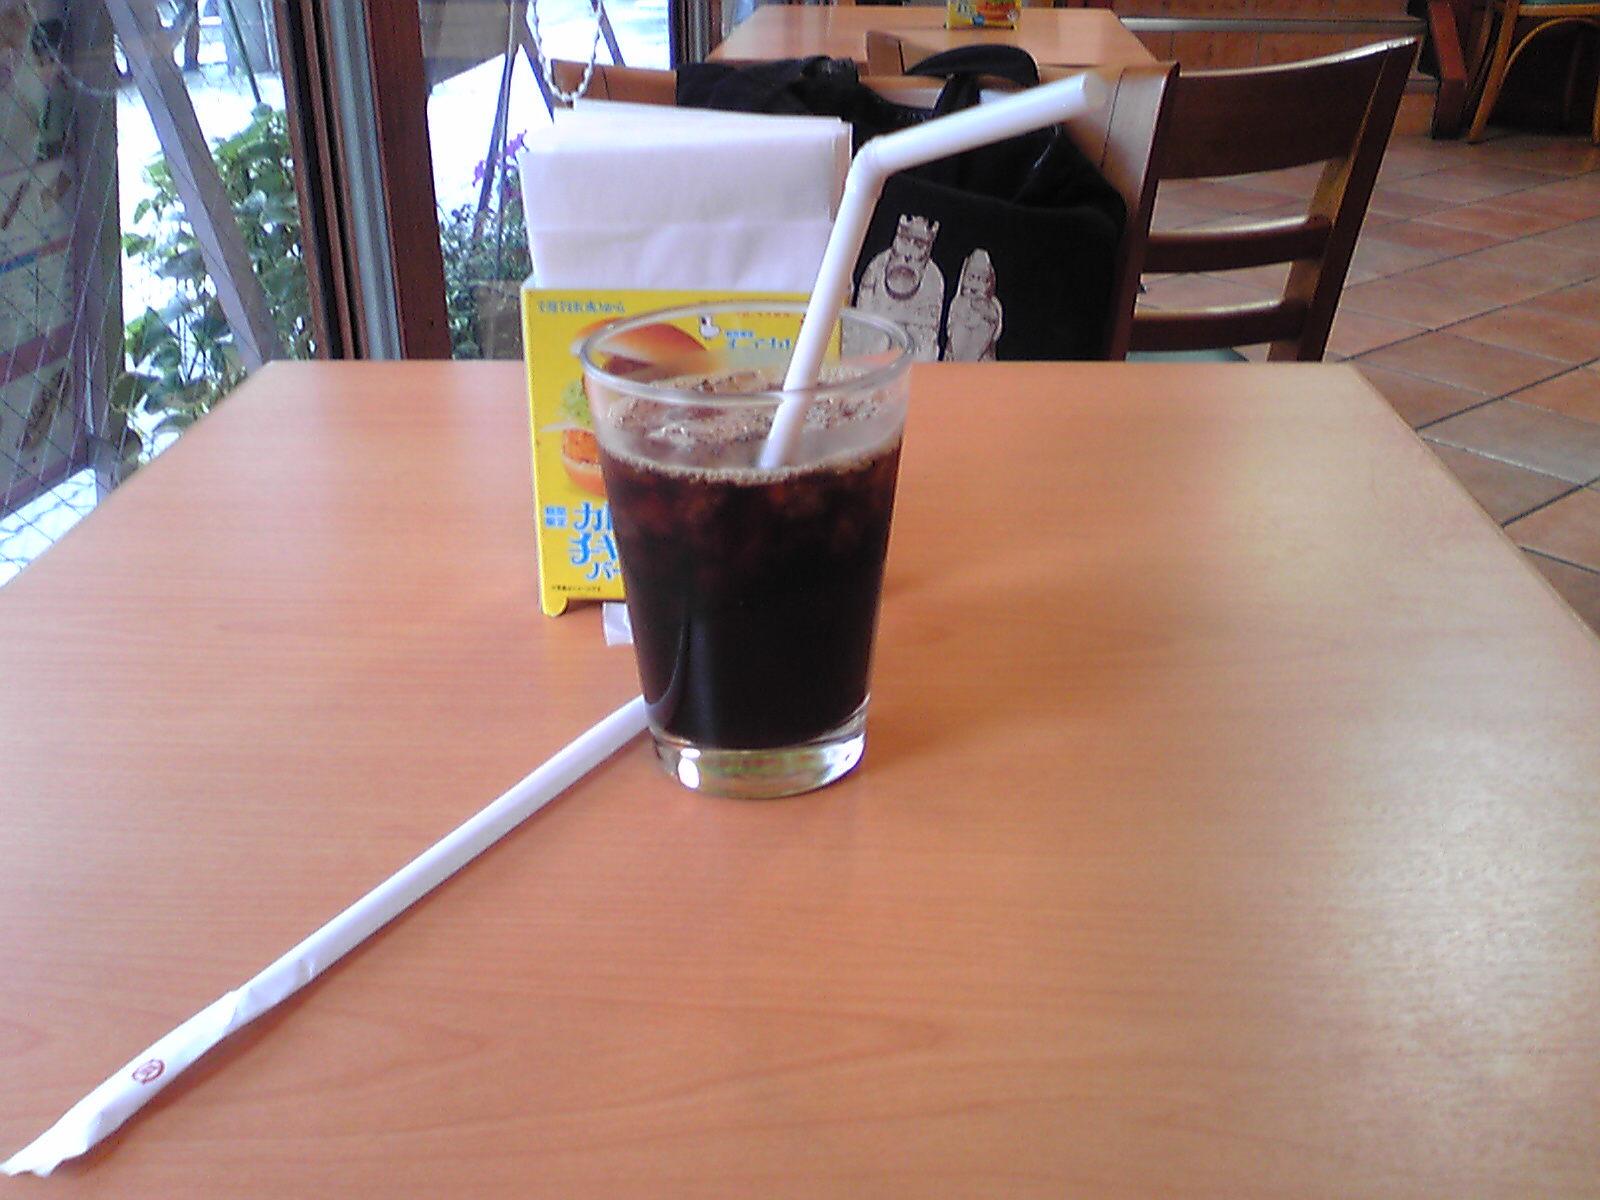 ♪モーニングコーヒー飲もうよ〜♪